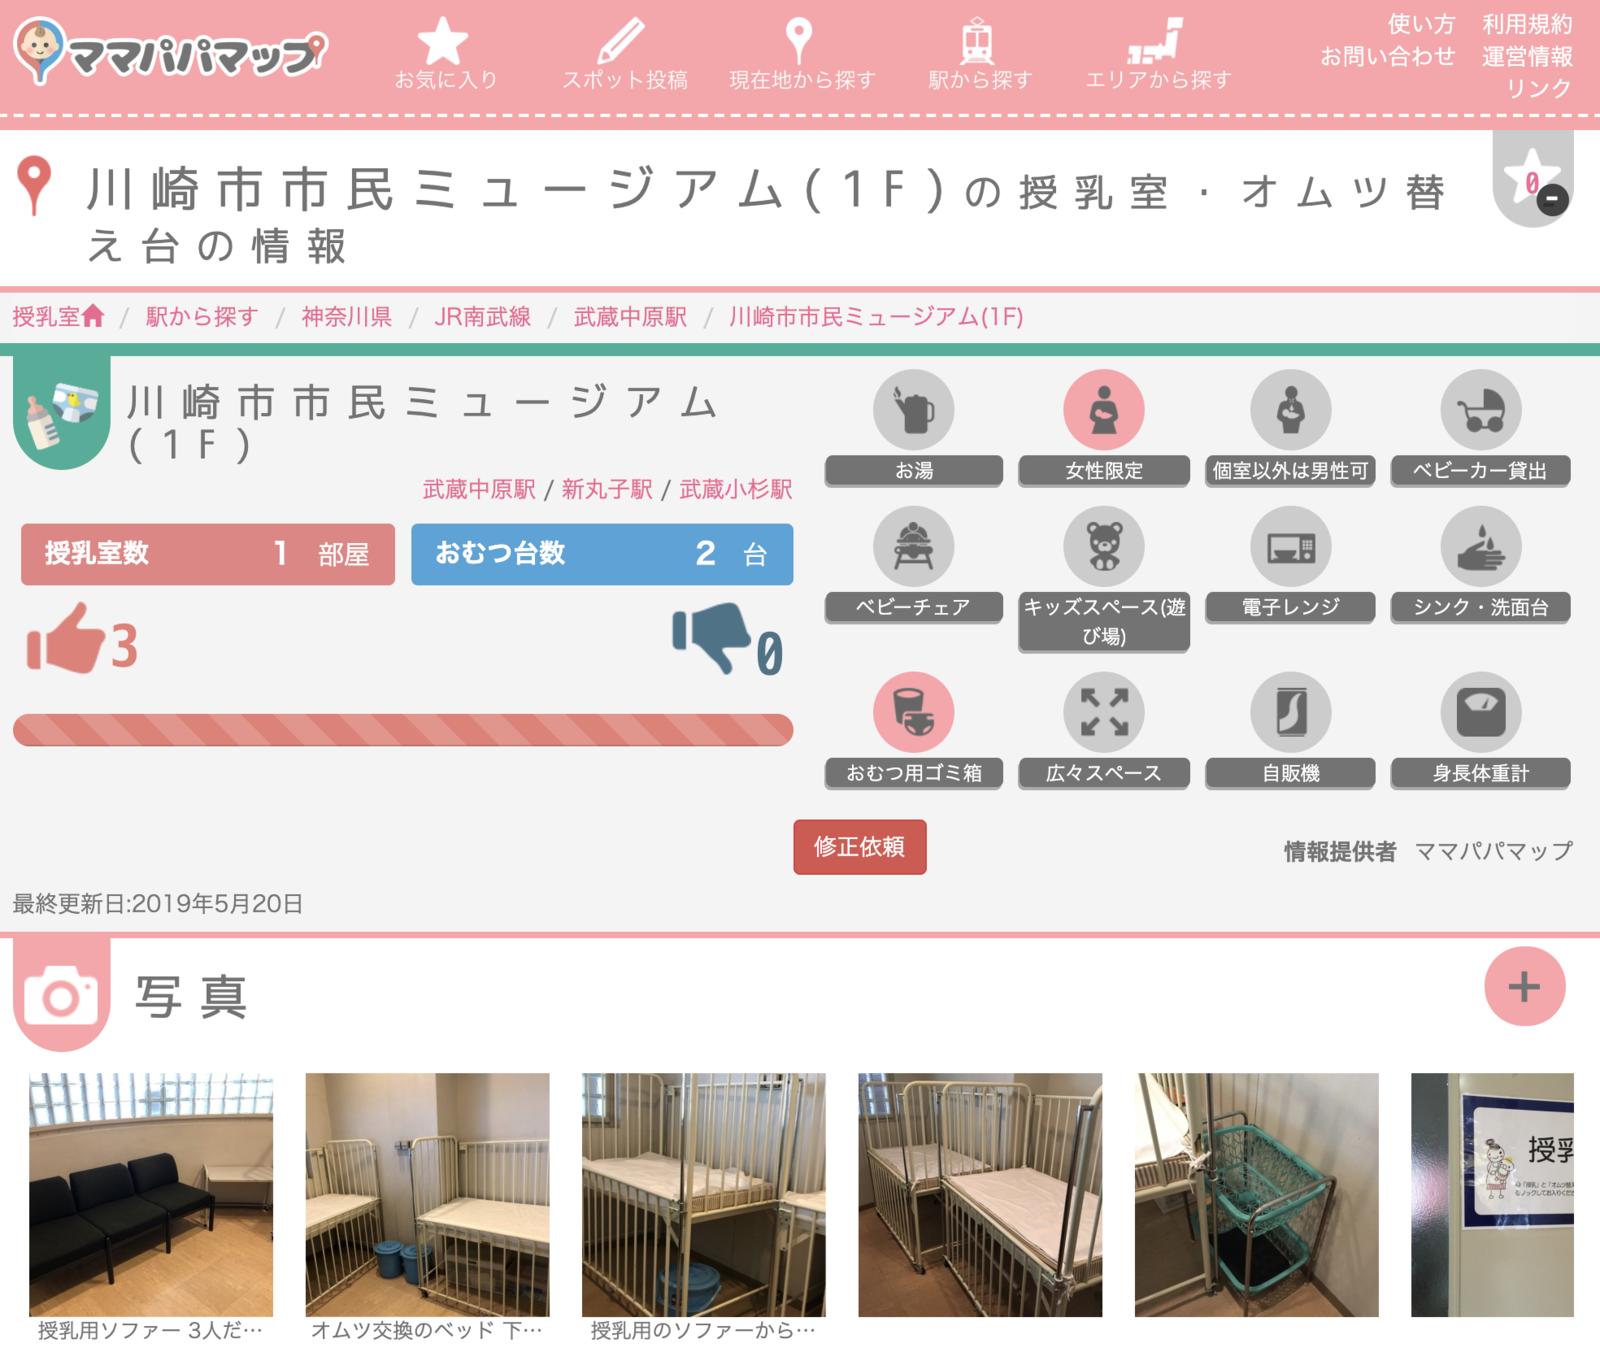 f:id:yoshitsugumi:20190725140710p:plain